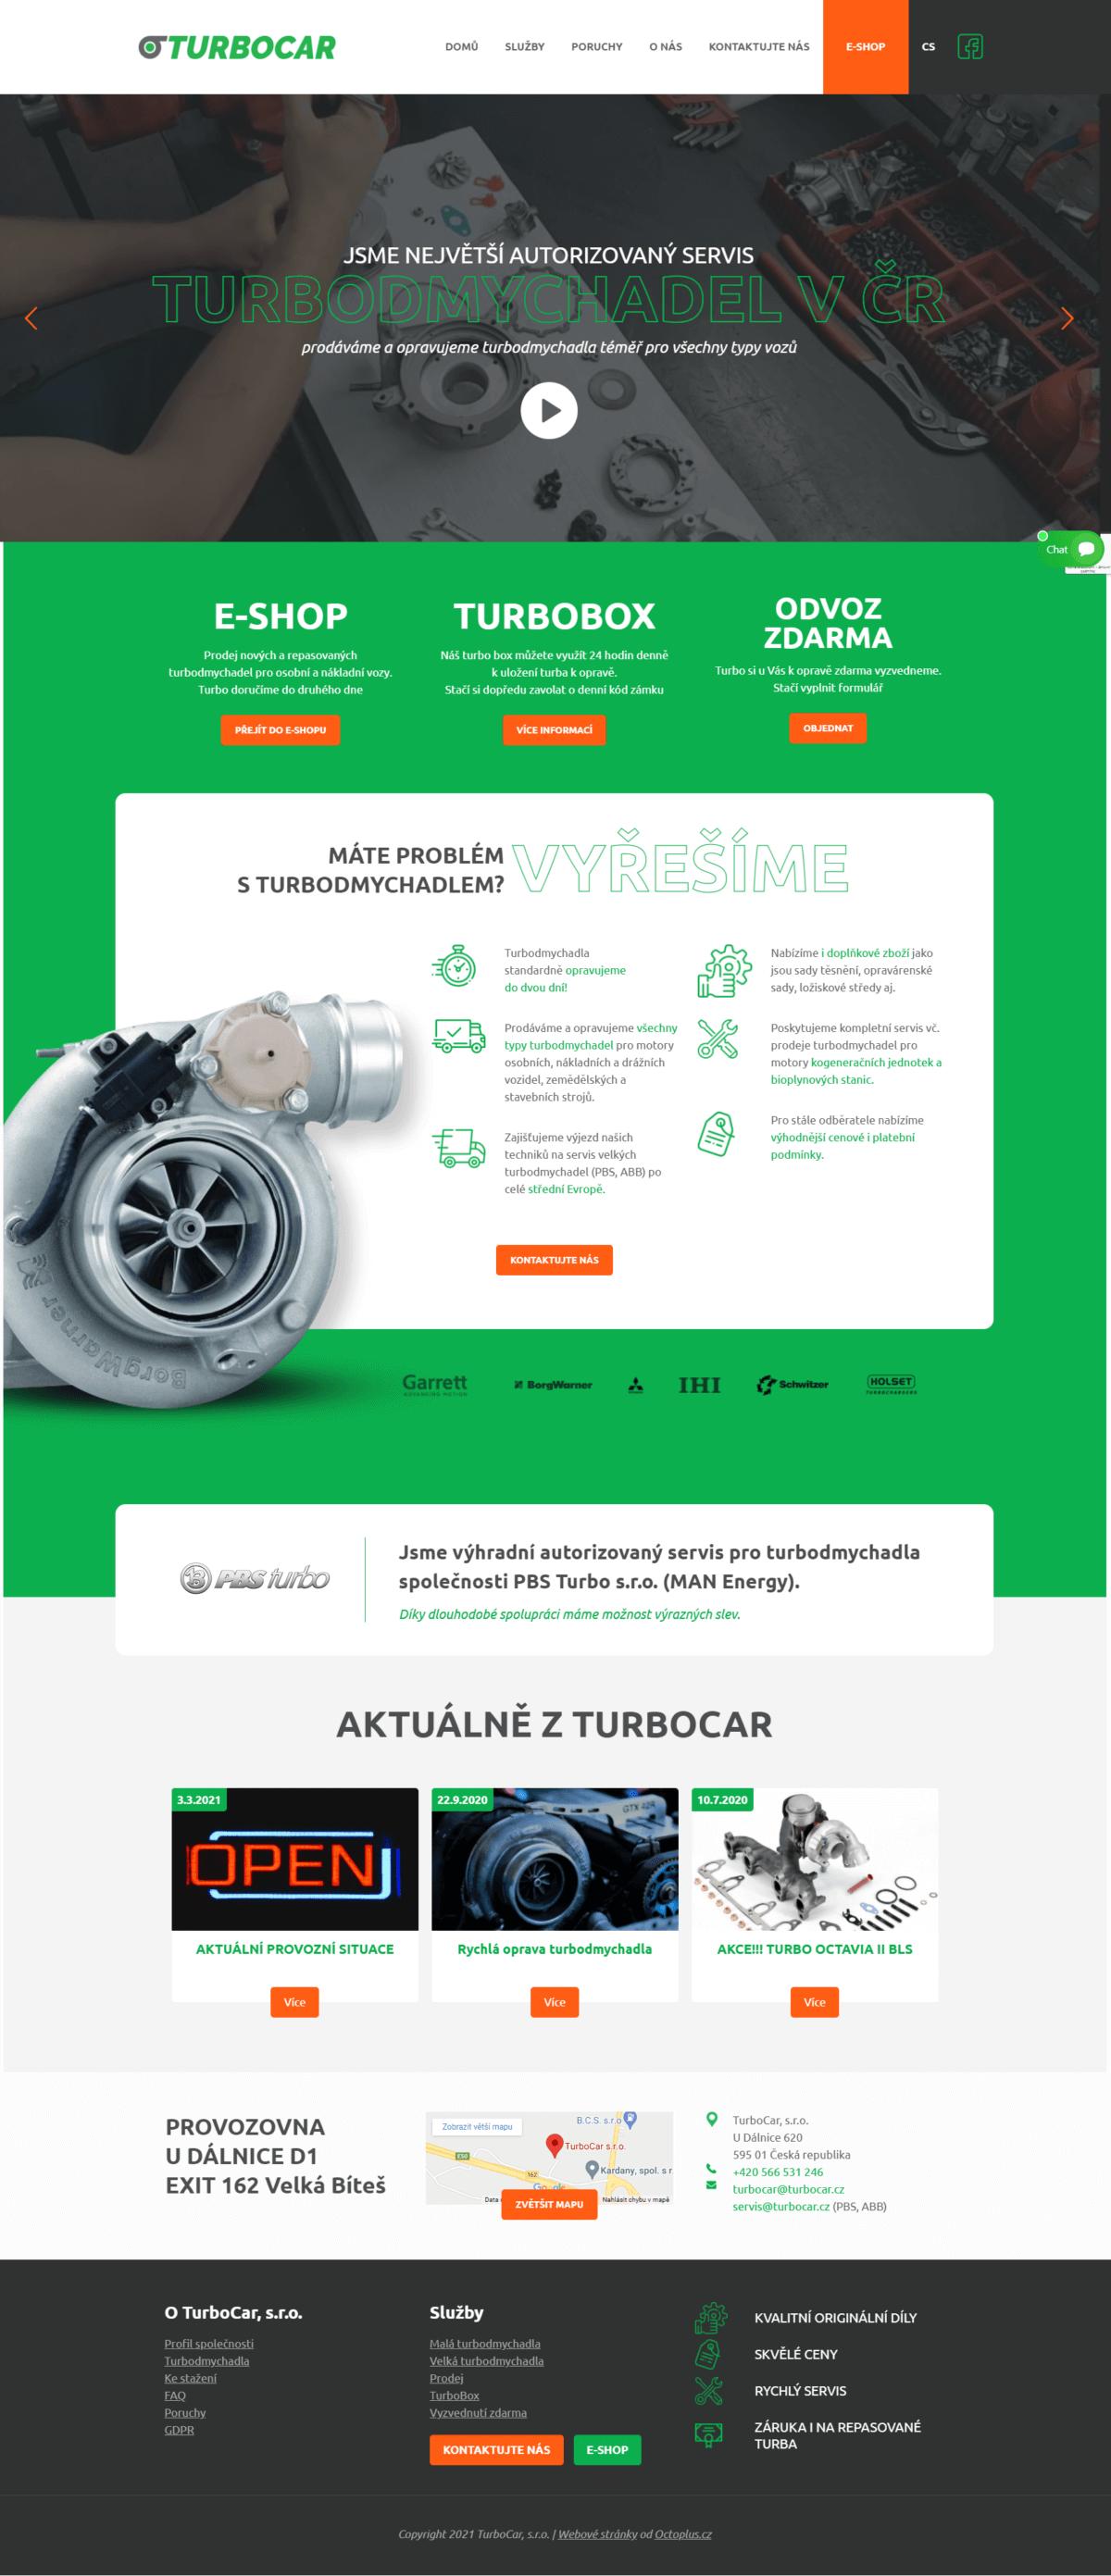 TurboCar